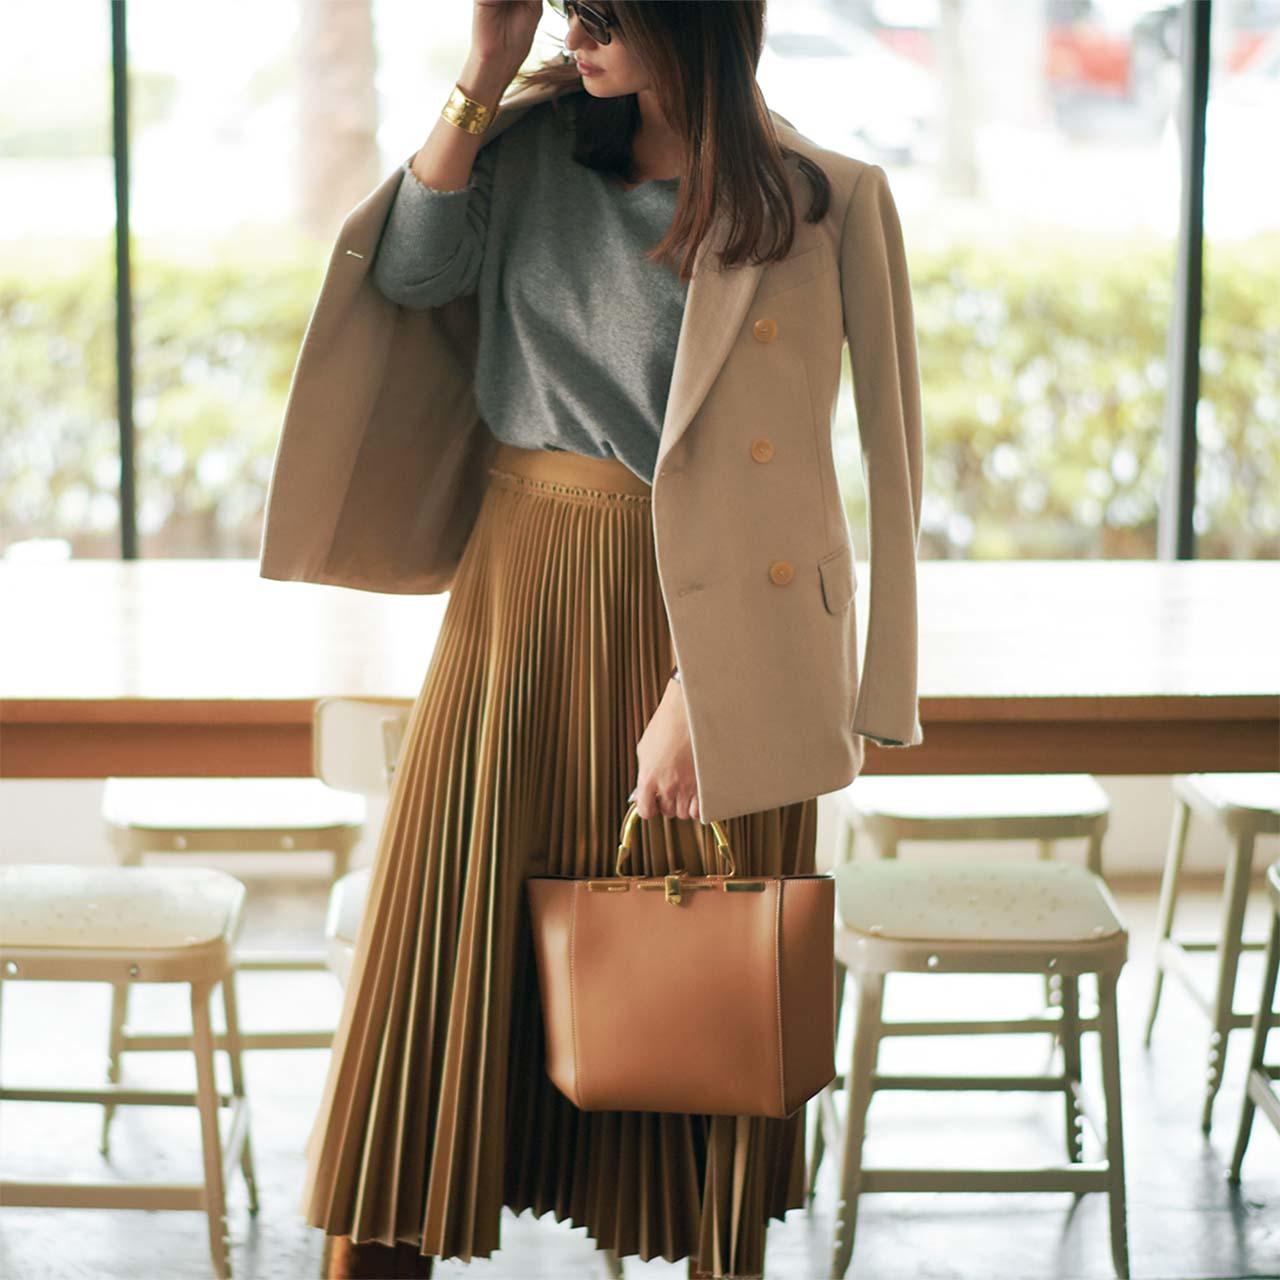 Vネックニット×ジャケット×スカートコーデを着たモデルのブレンダさん